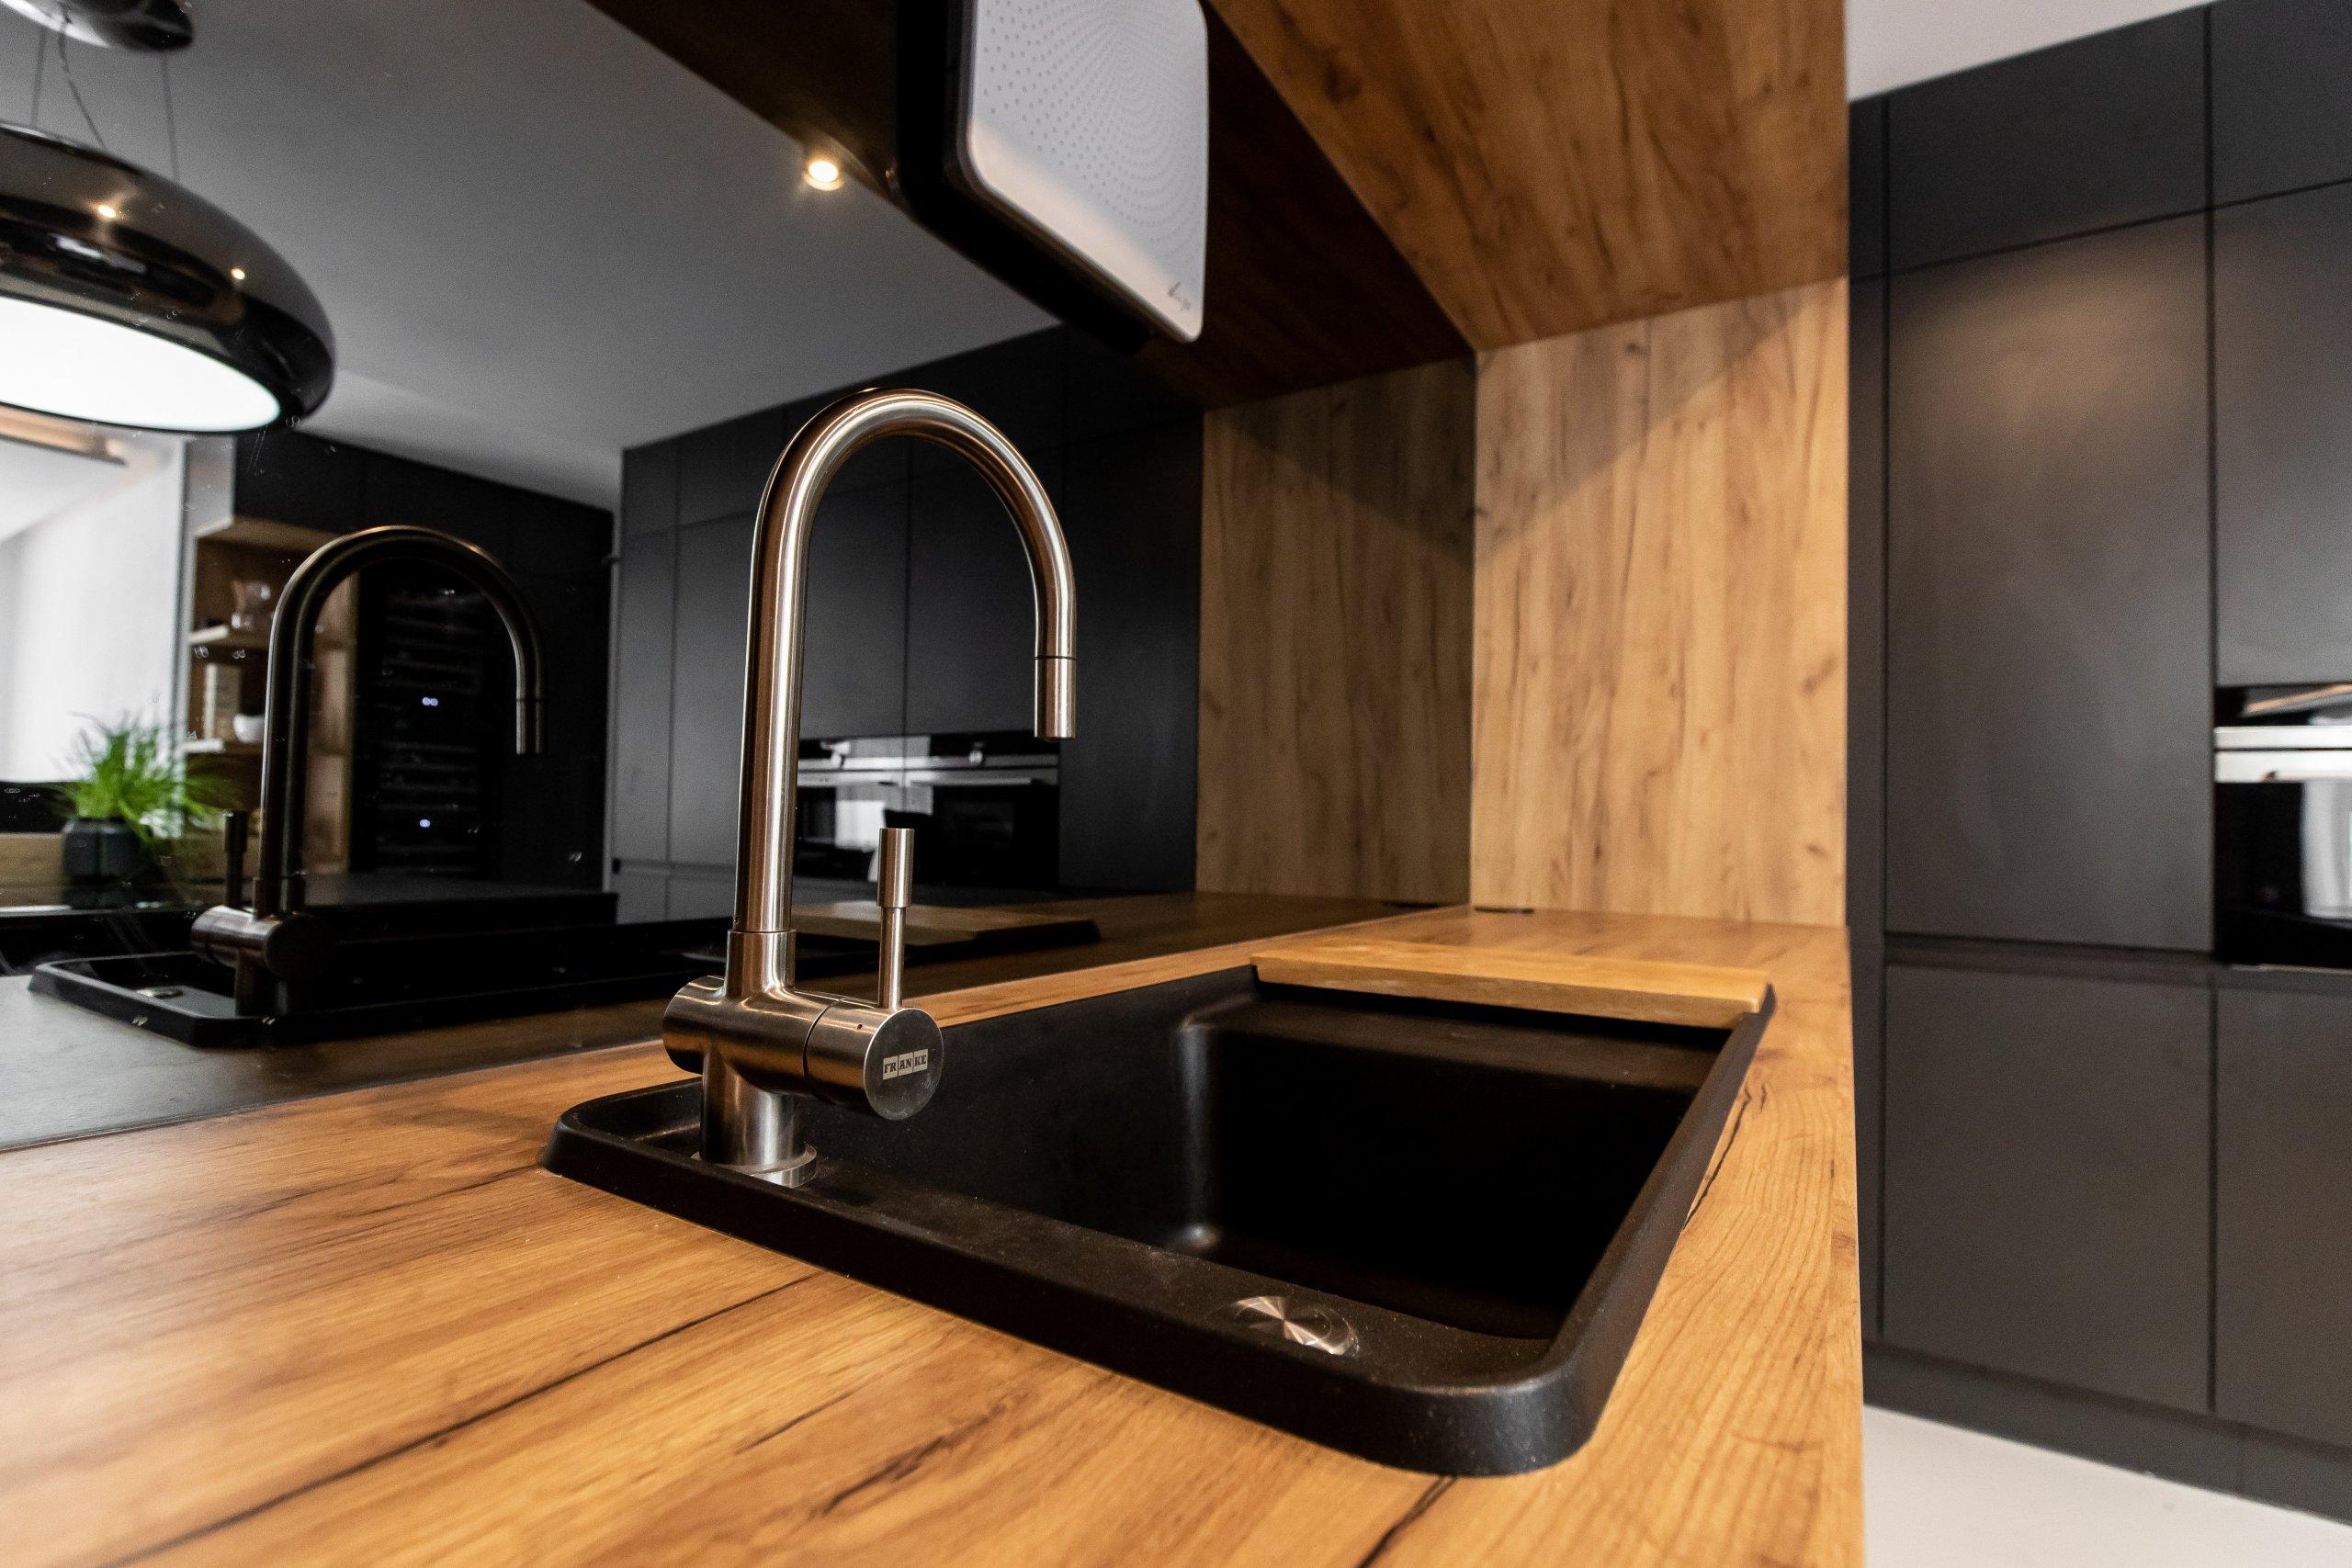 Nezvyčajná kombinácia antracitového matu s dekórom dub zlatý, ktorá bola vkusne zachovaná naprieč celým bytom (domom?), vnáša interiéru eleganciu a jemne…